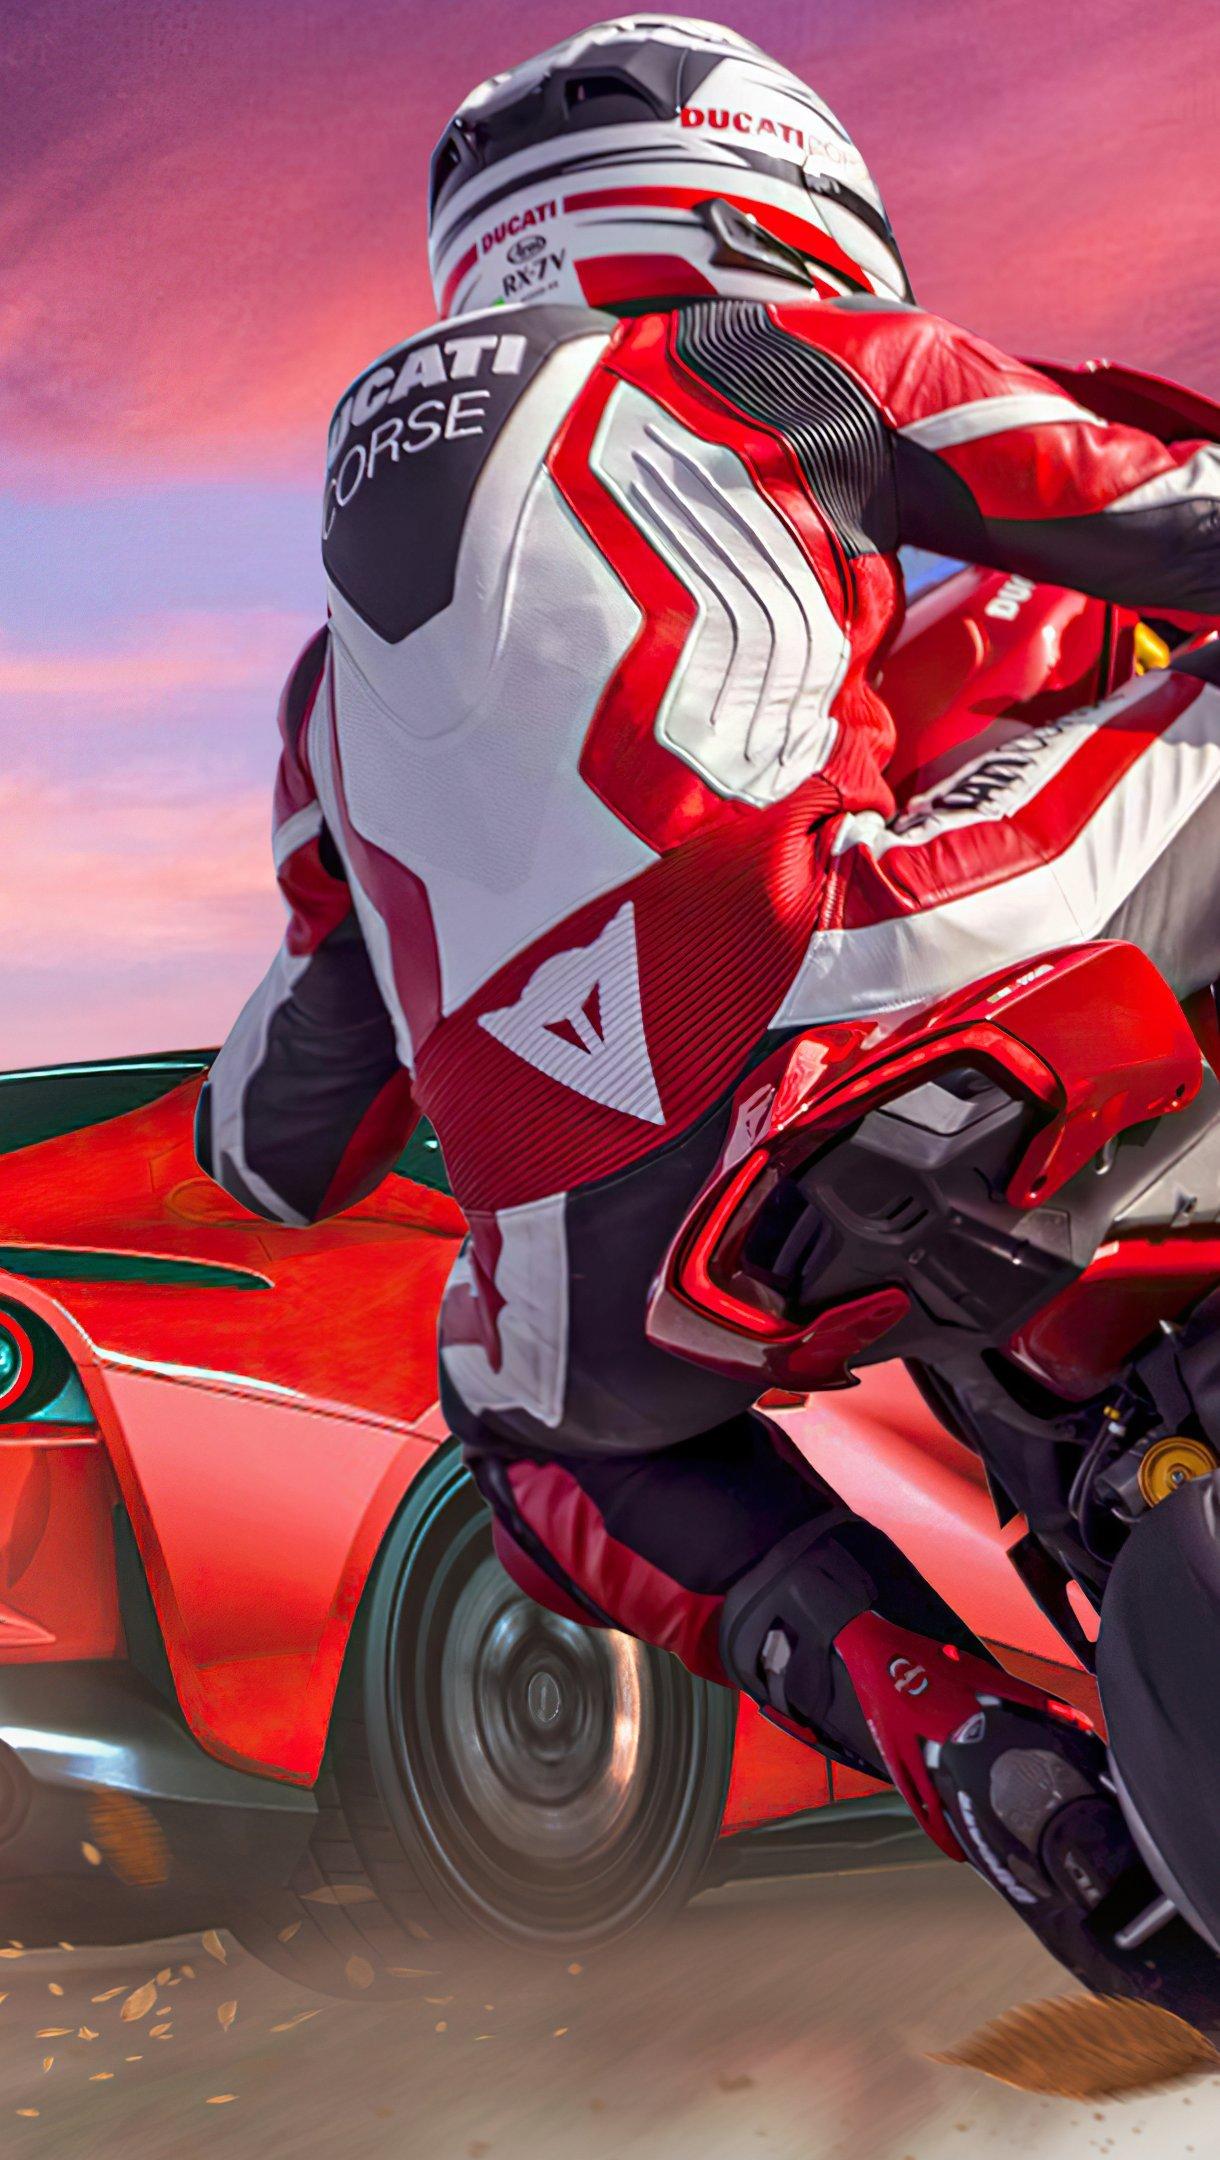 Fondos de pantalla Forza Horizon 5 Concepto Vertical